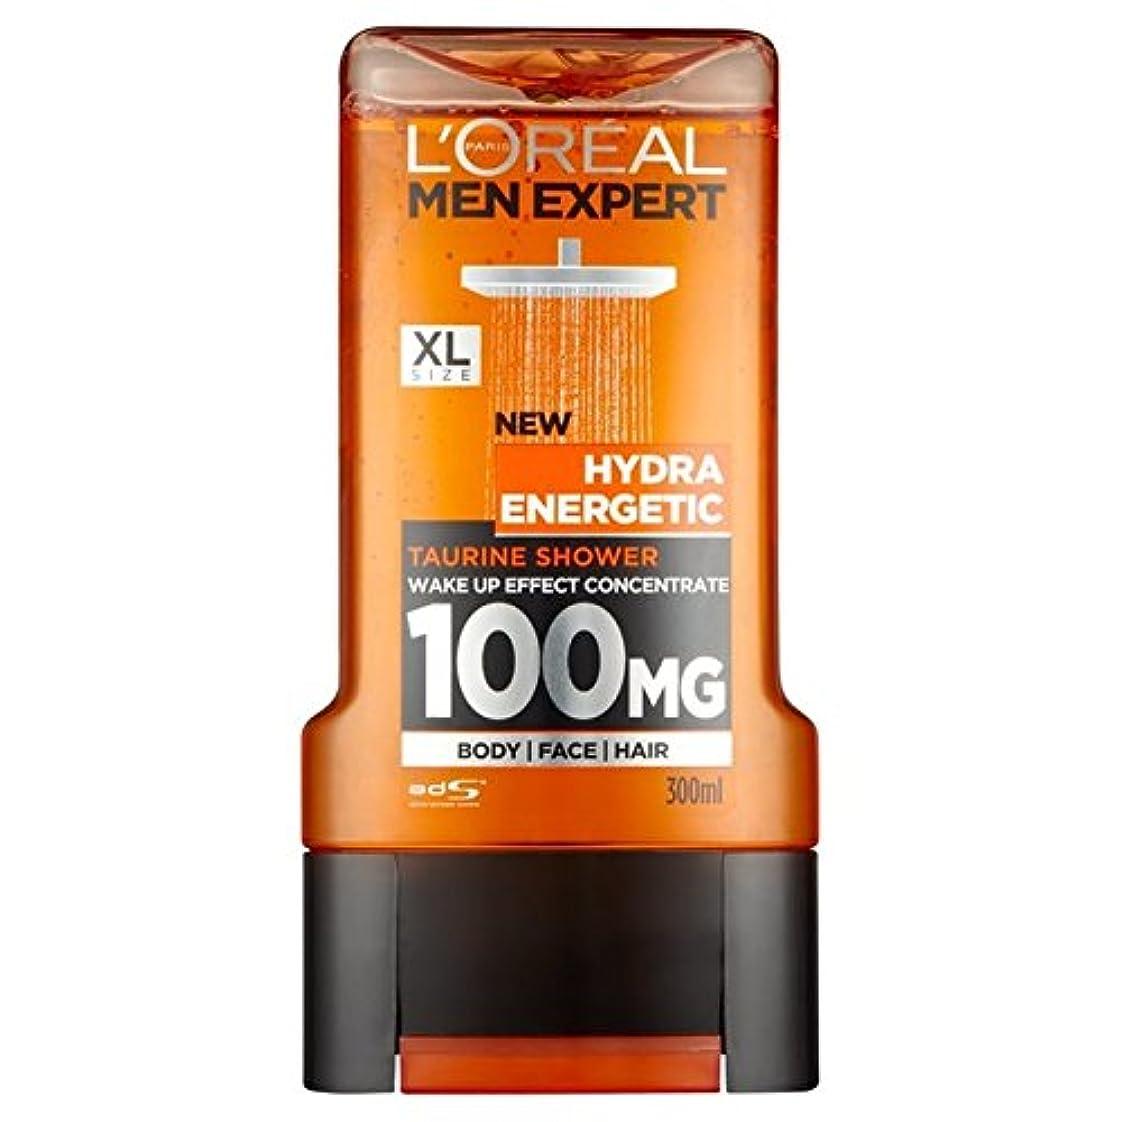 業界コピー親愛なL'Oreal Paris Men Expert Hydra Energetic Shower Gel 300ml - ロレアルパリのメンズ専門家ヒドラエネルギッシュなシャワージェル300ミリリットル [並行輸入品]